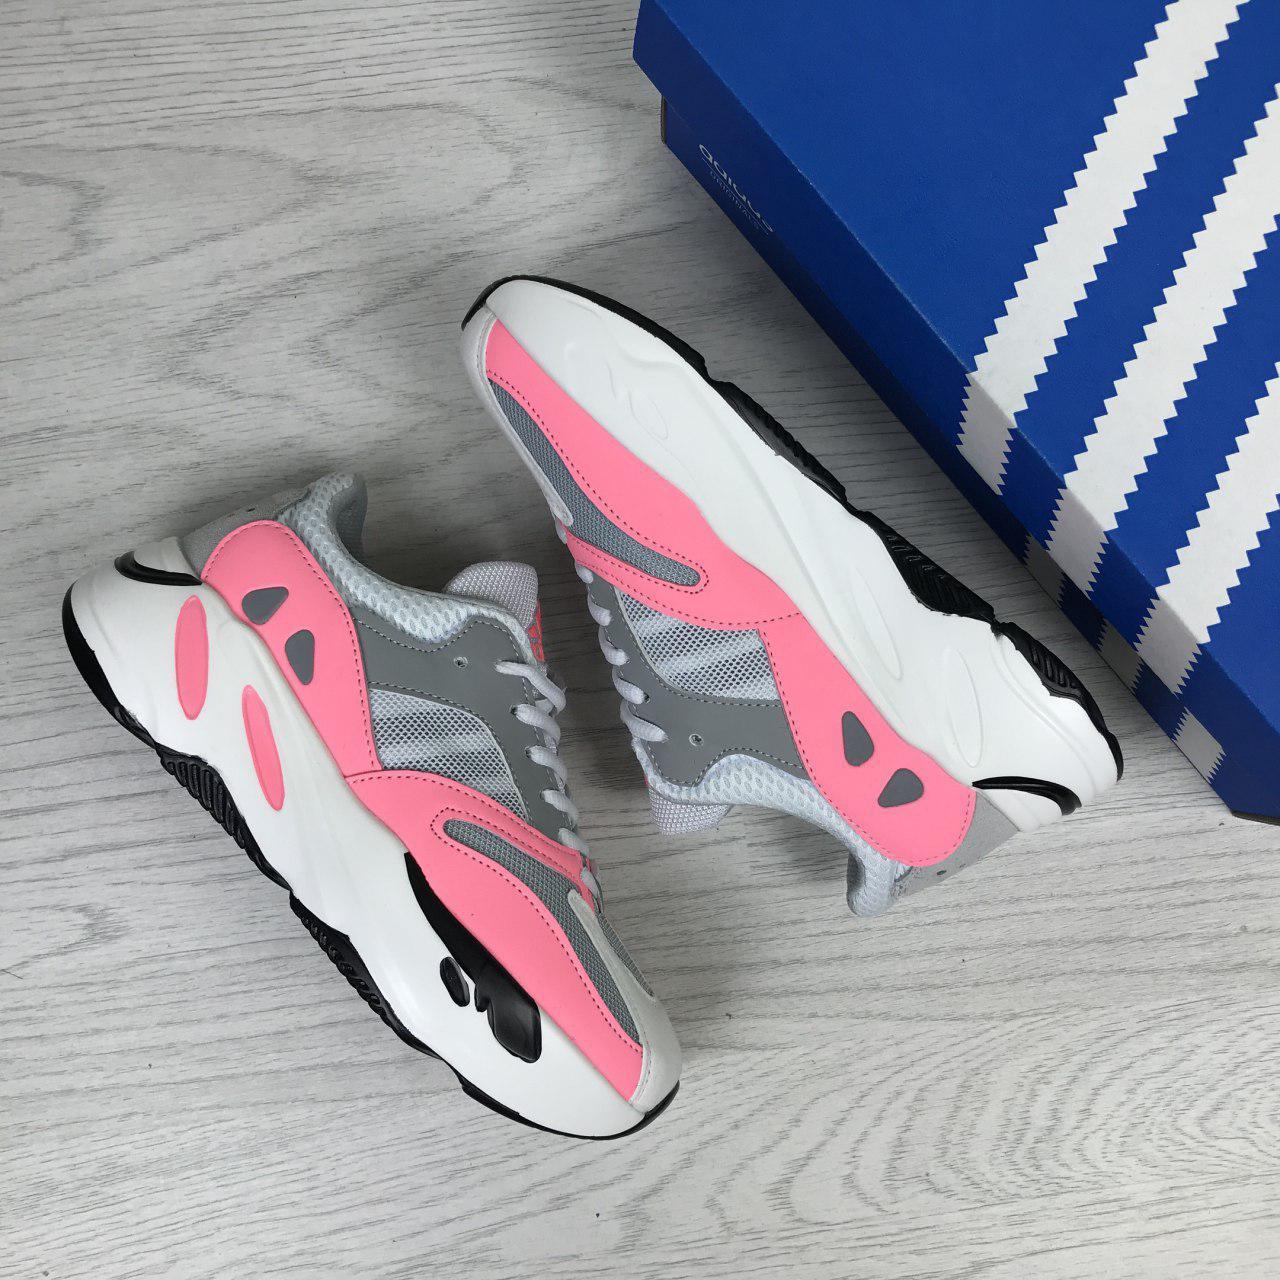 half off 17a19 6fc96 Кроссовки Adidas x Yeezy Boost 700 OG (бело/розовые) Реплика класса люкс:  продажа, цена в Днепре. кроссовки, кеды повседневные от